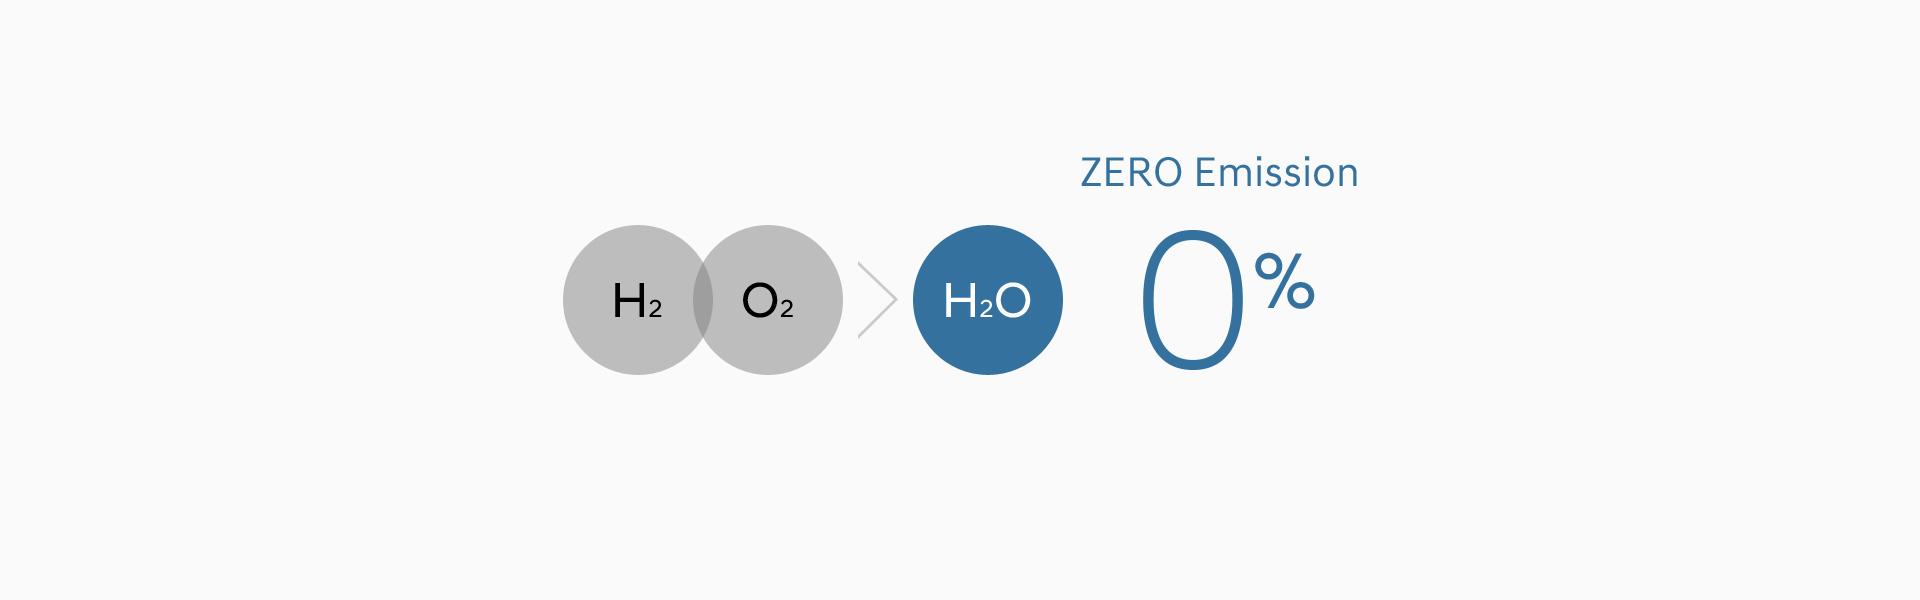 ZERO Emission(H2 O2 > H2O 0%)